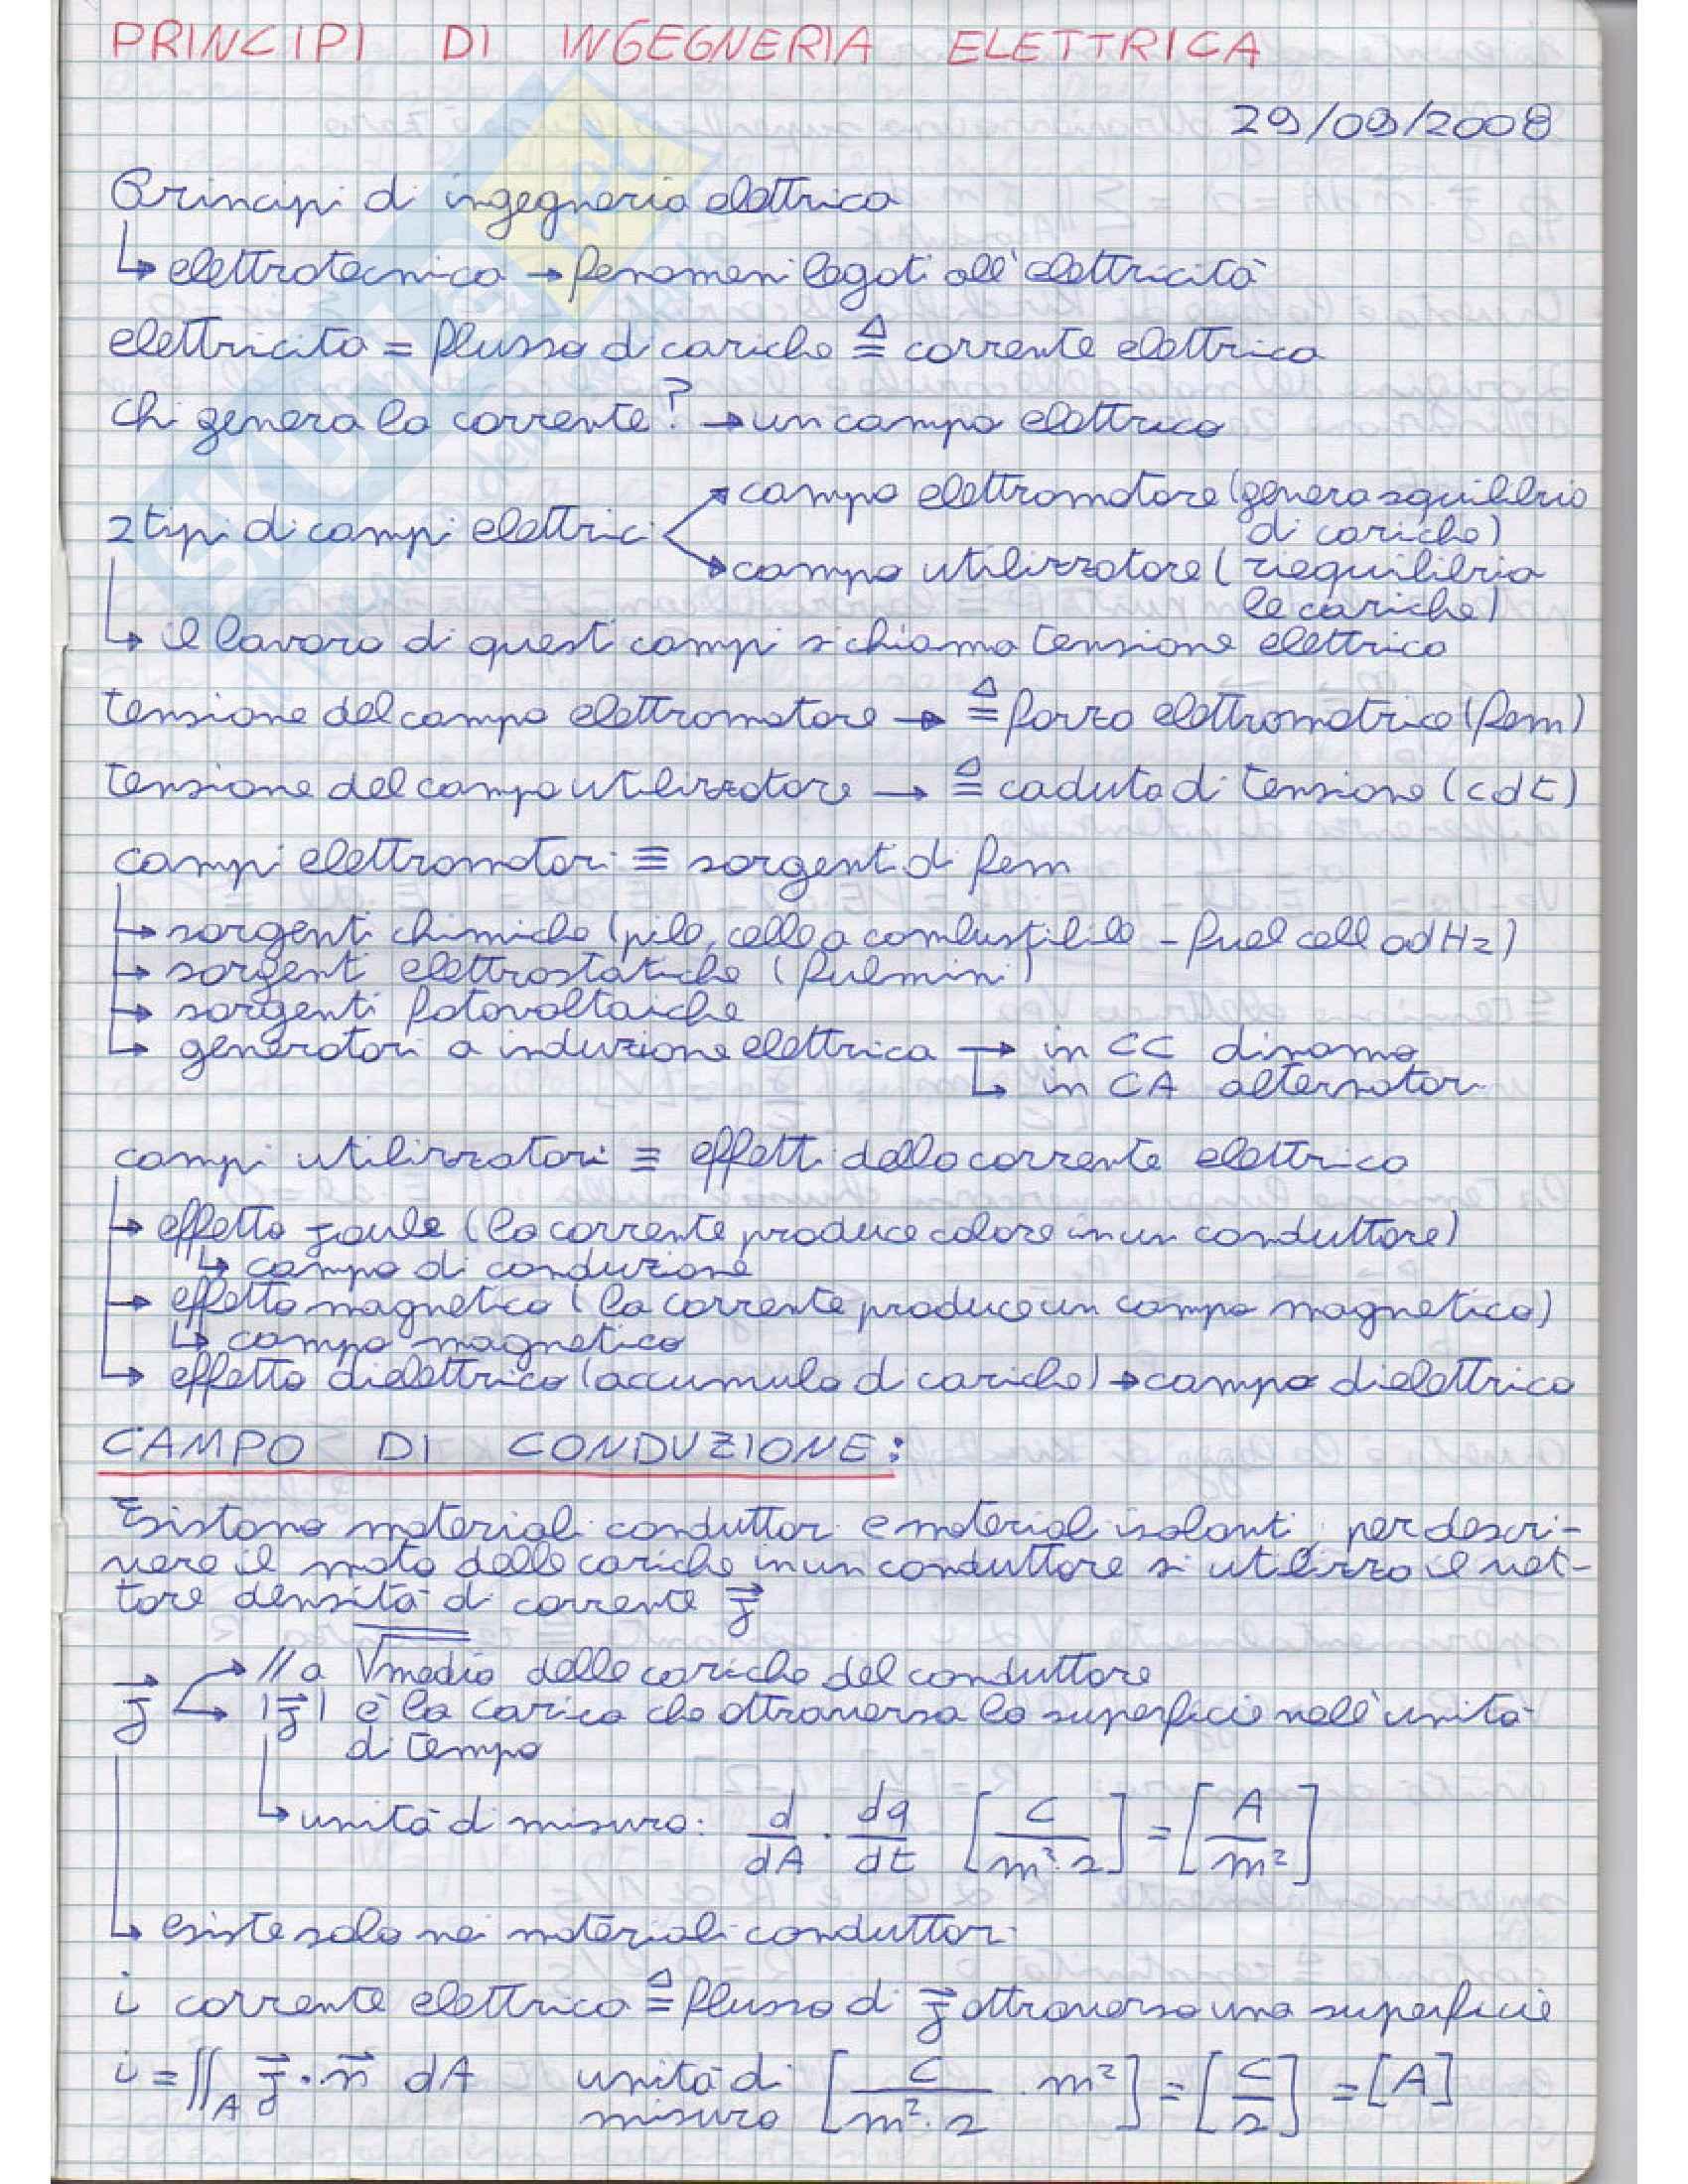 Principi di ingegneria elettrica - Appunti